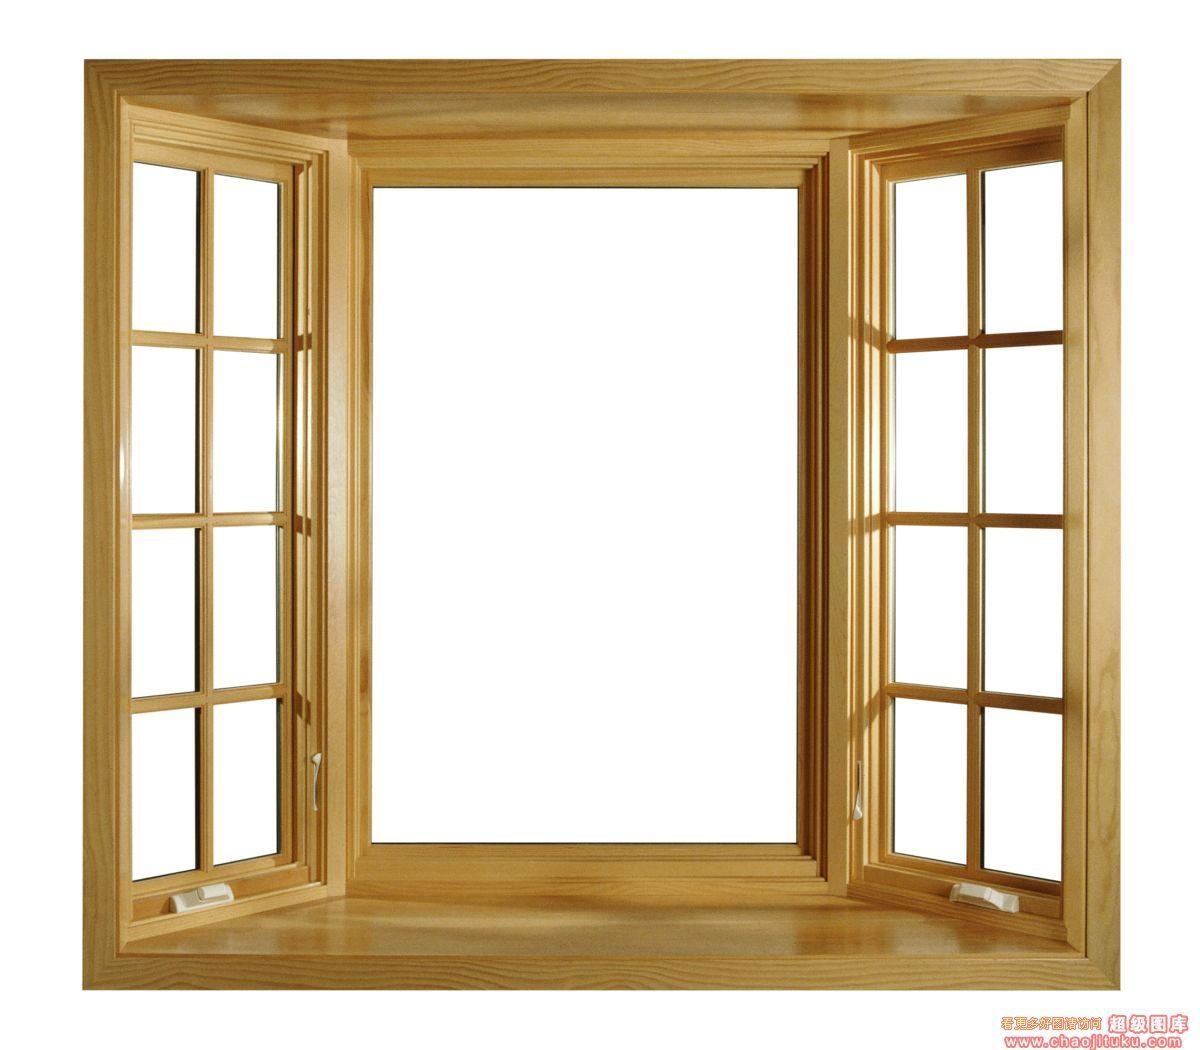 铝合金门窗-推拉窗系列